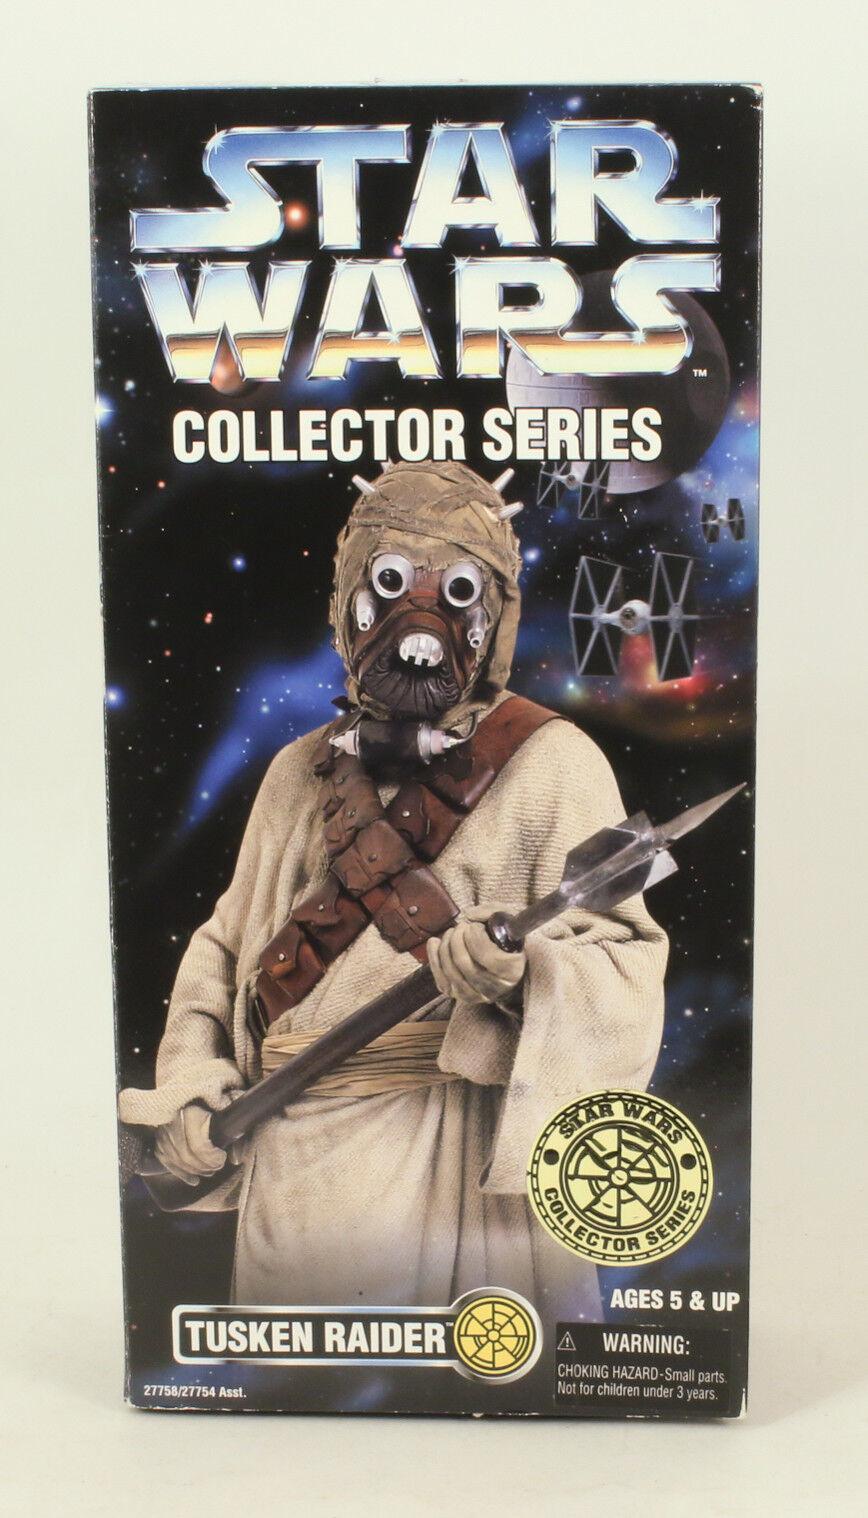 Star Wars Collector Series 12 inch Tusken Raider  1996 Kenner MIB